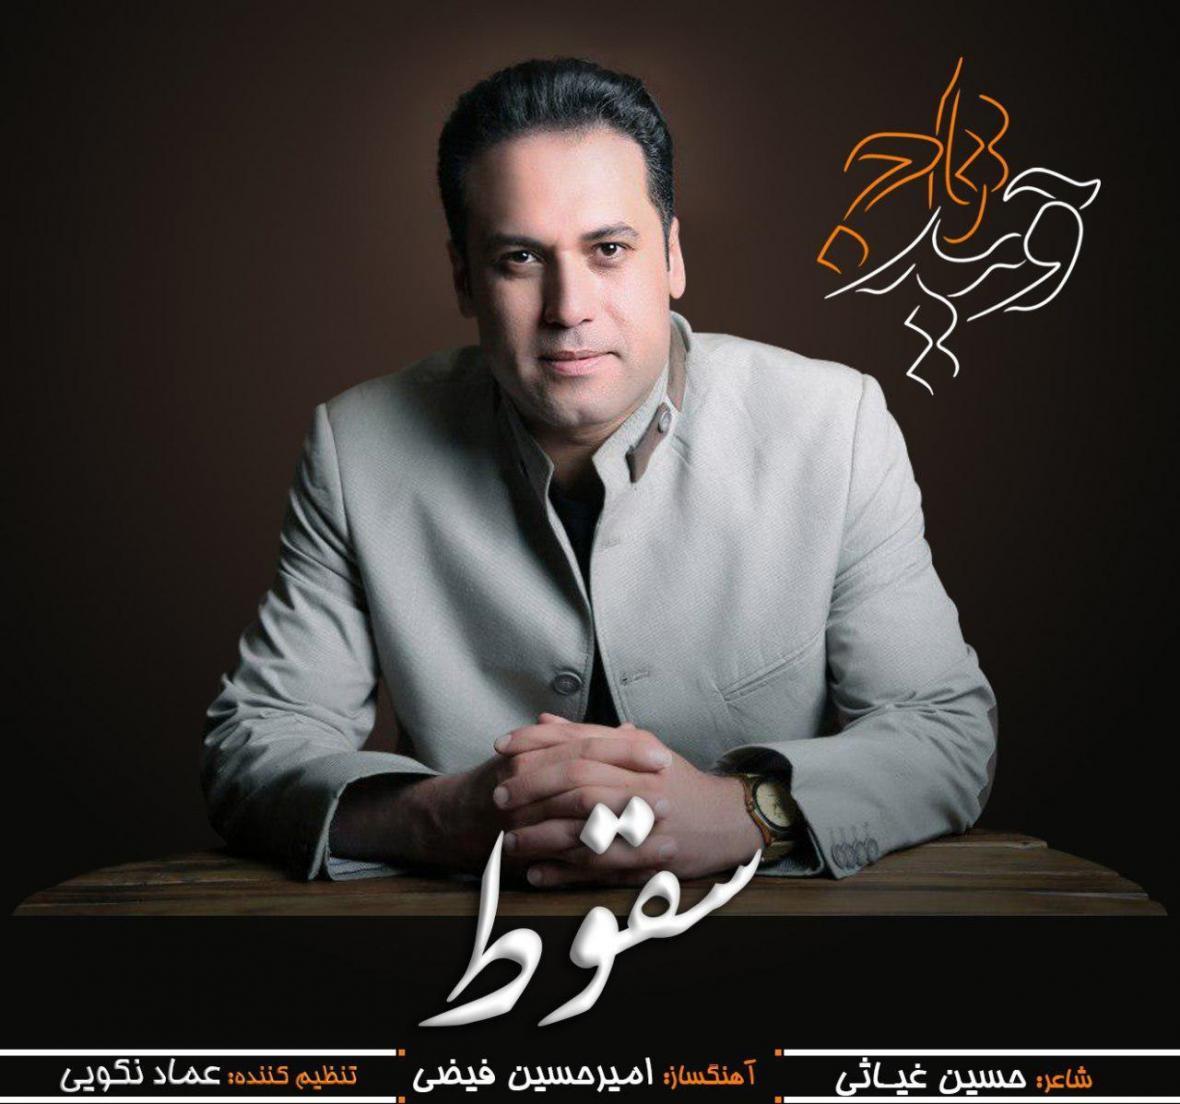 سقوط با صدای وحید تاج منتشر شد